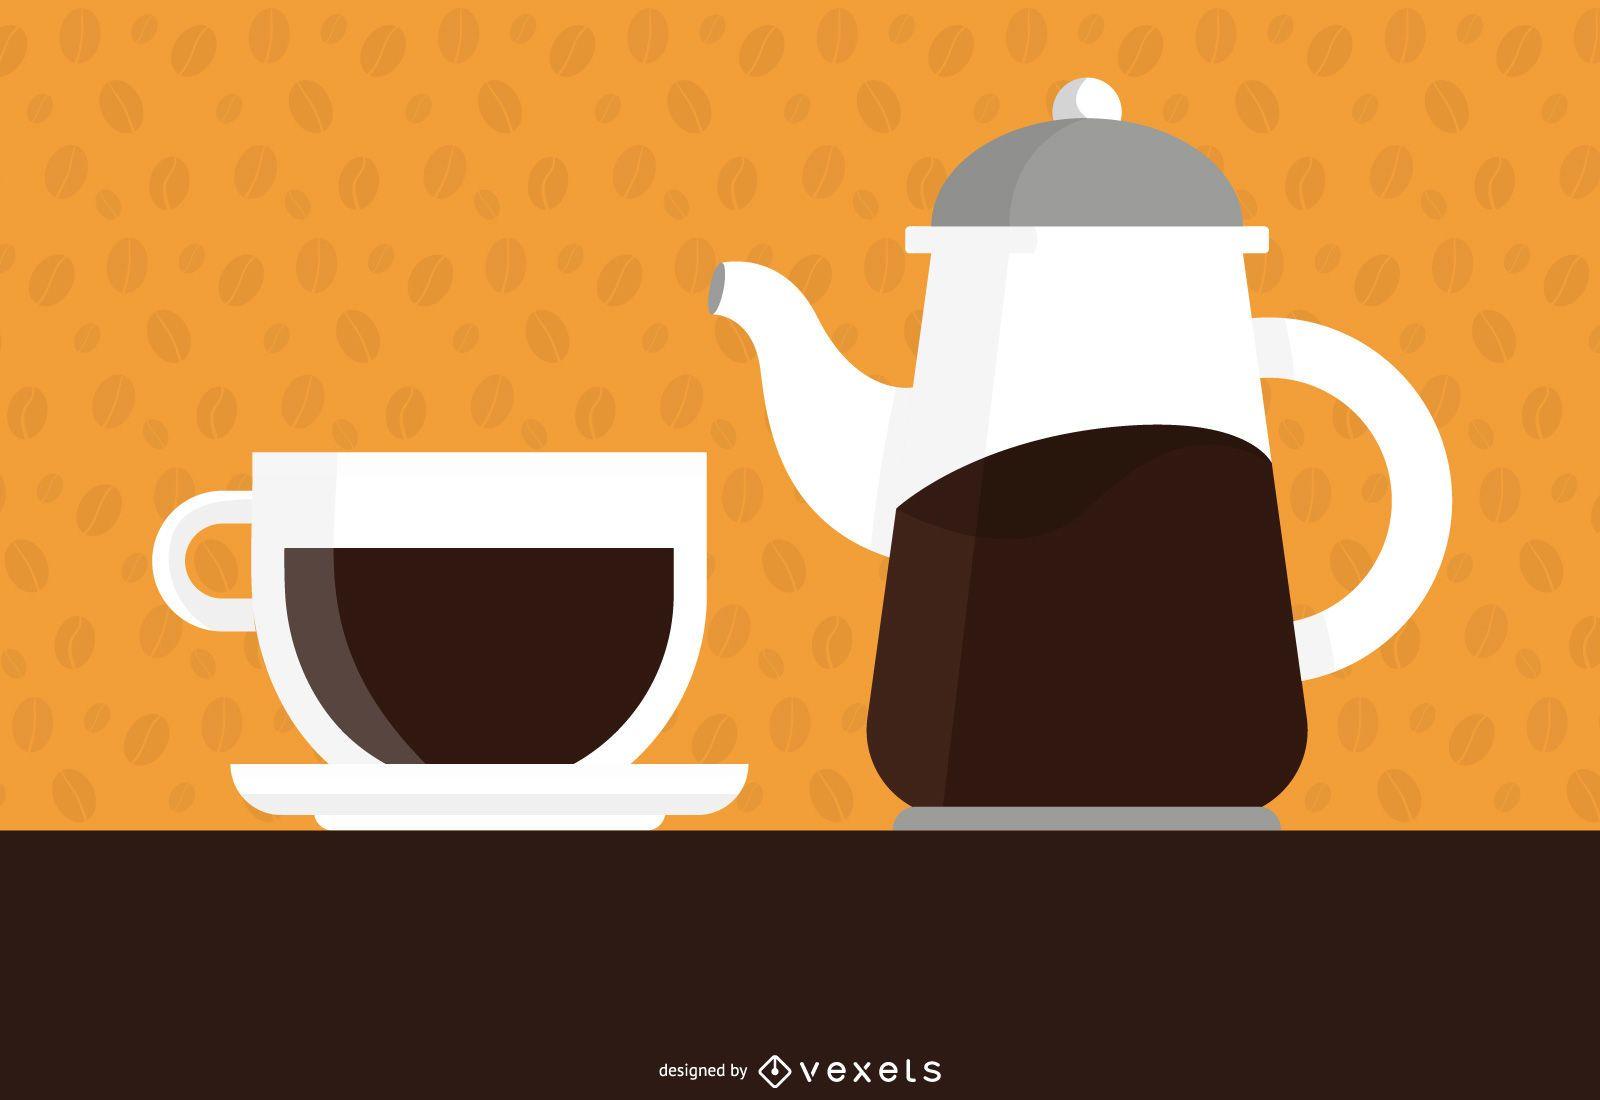 Tasse Kaffee Illustration Design